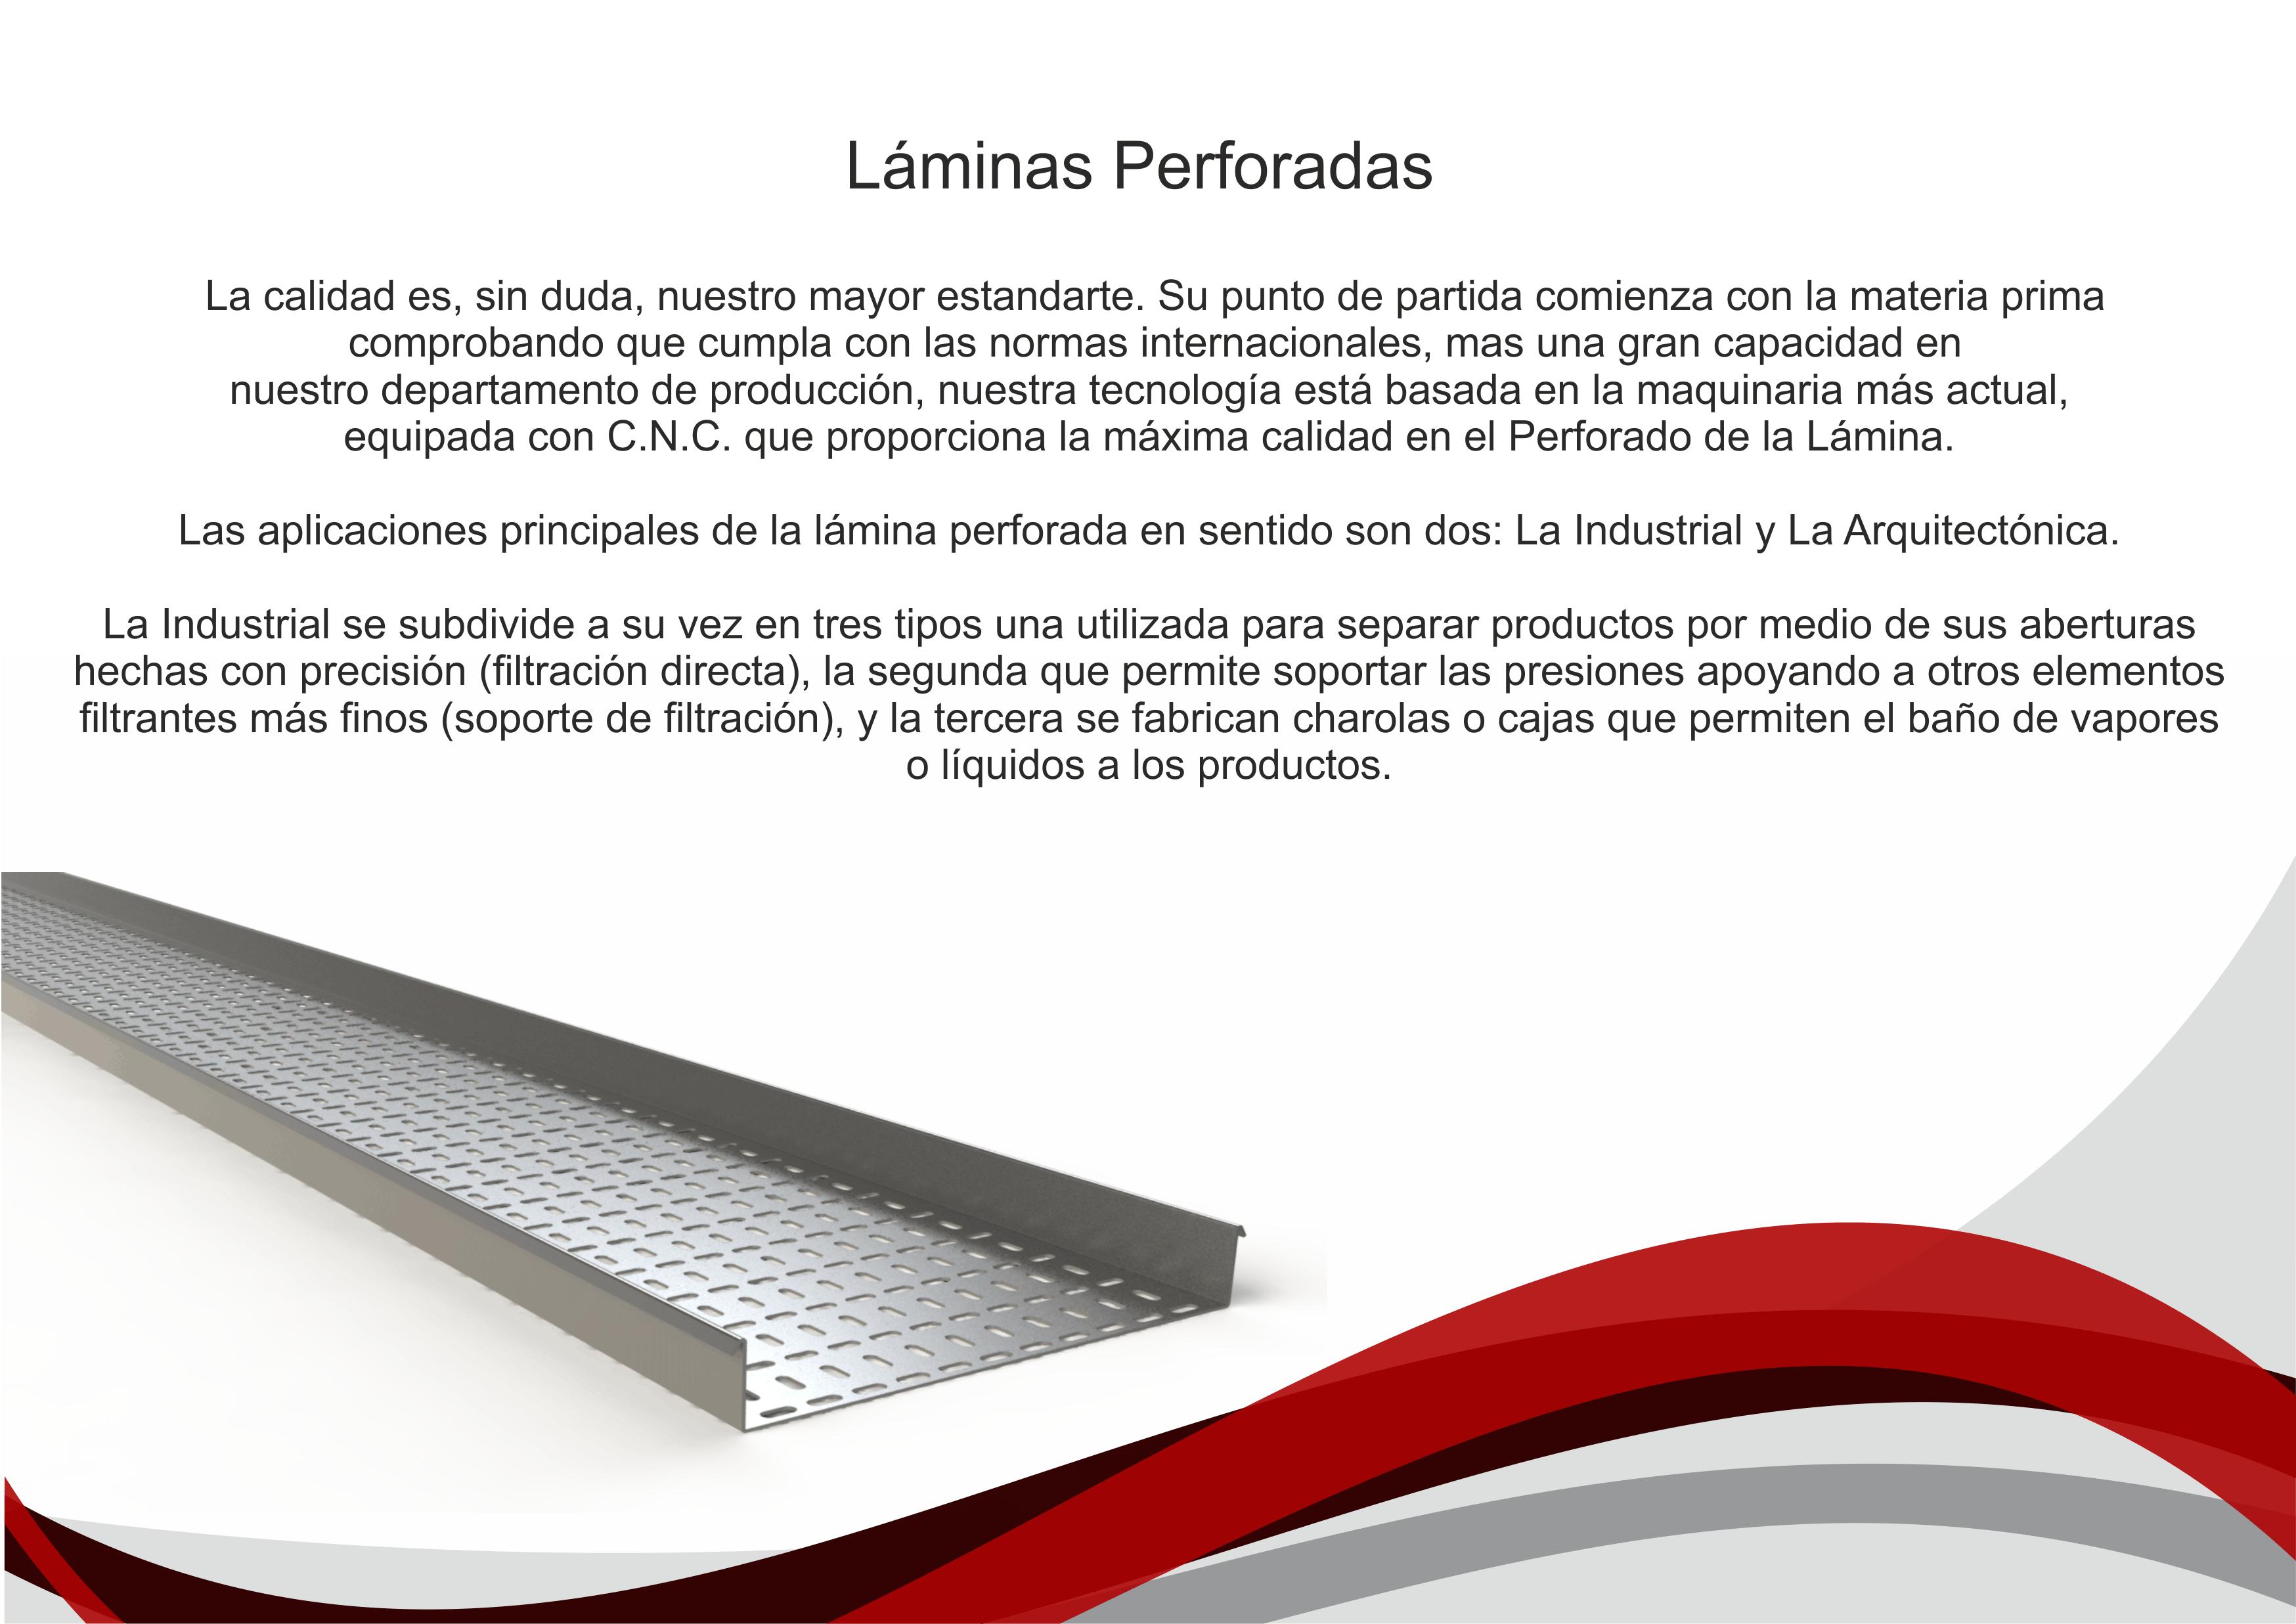 laminas-preforadas-descr